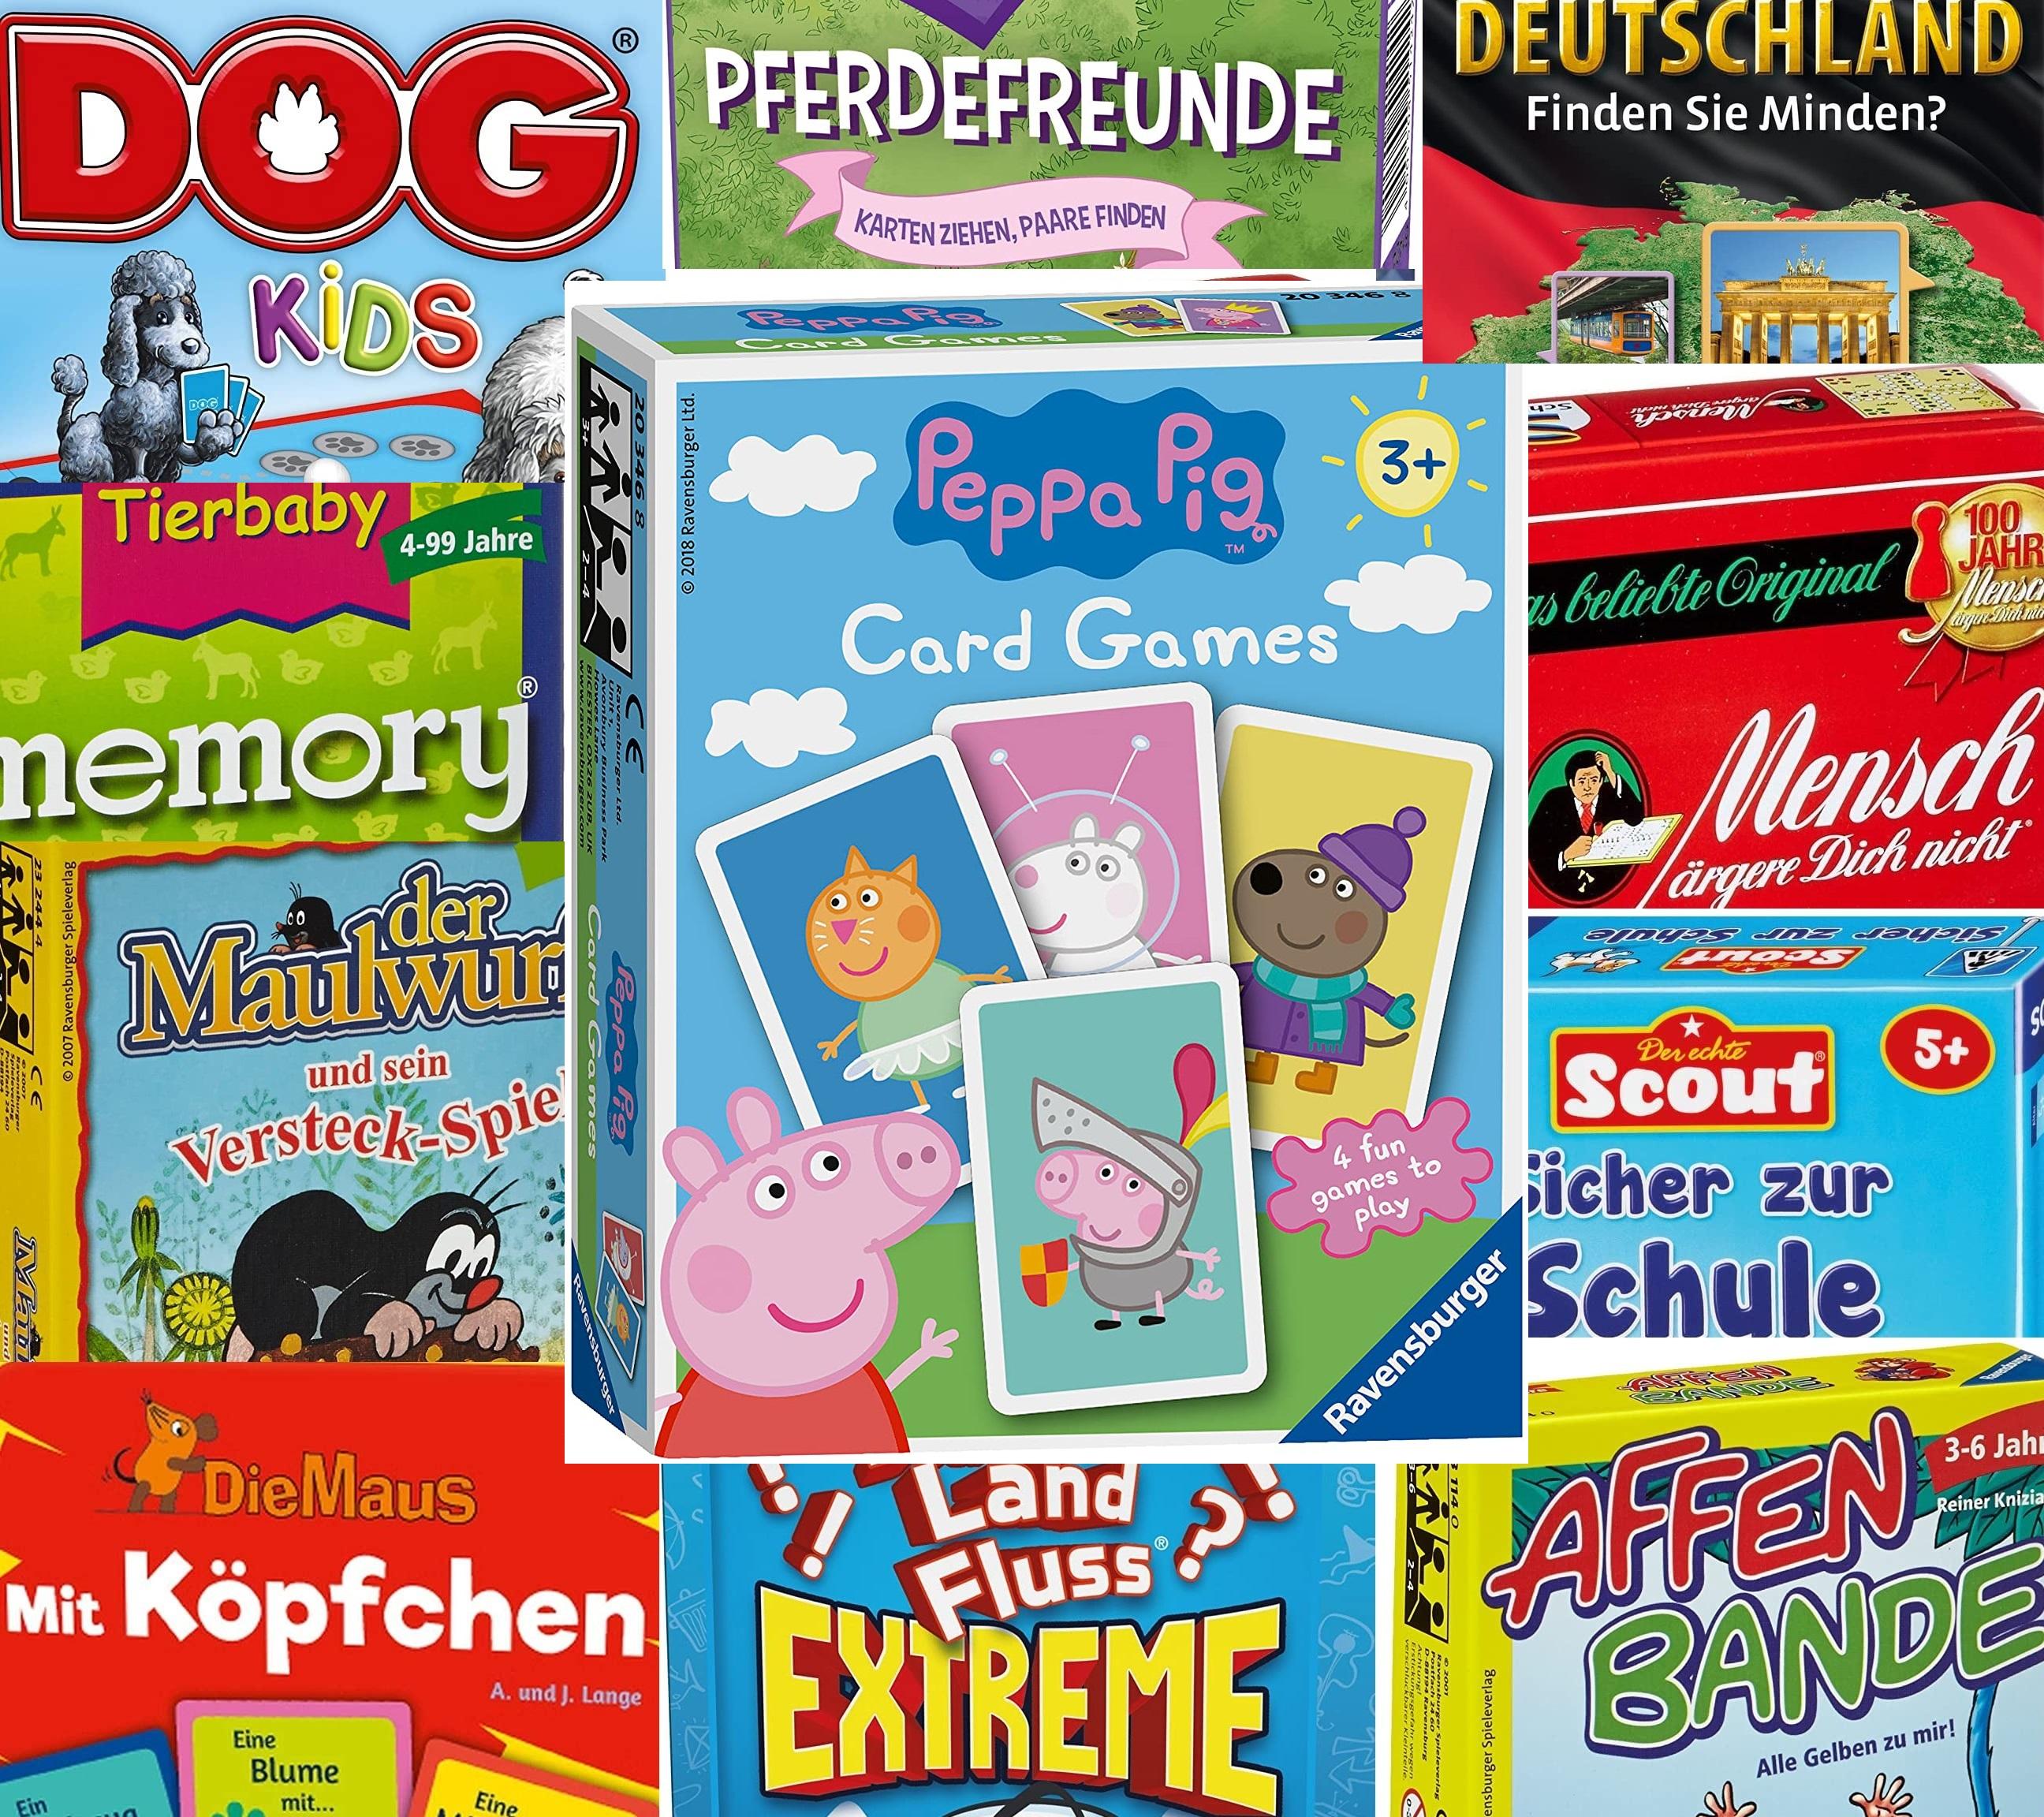 [Prime] Mitbringspiele Sammeldeal (16), Billy Biber, Stadt Land Fluss, Bingo, Dog Kids etc. z.B. Peppa Pig Kartenspiel